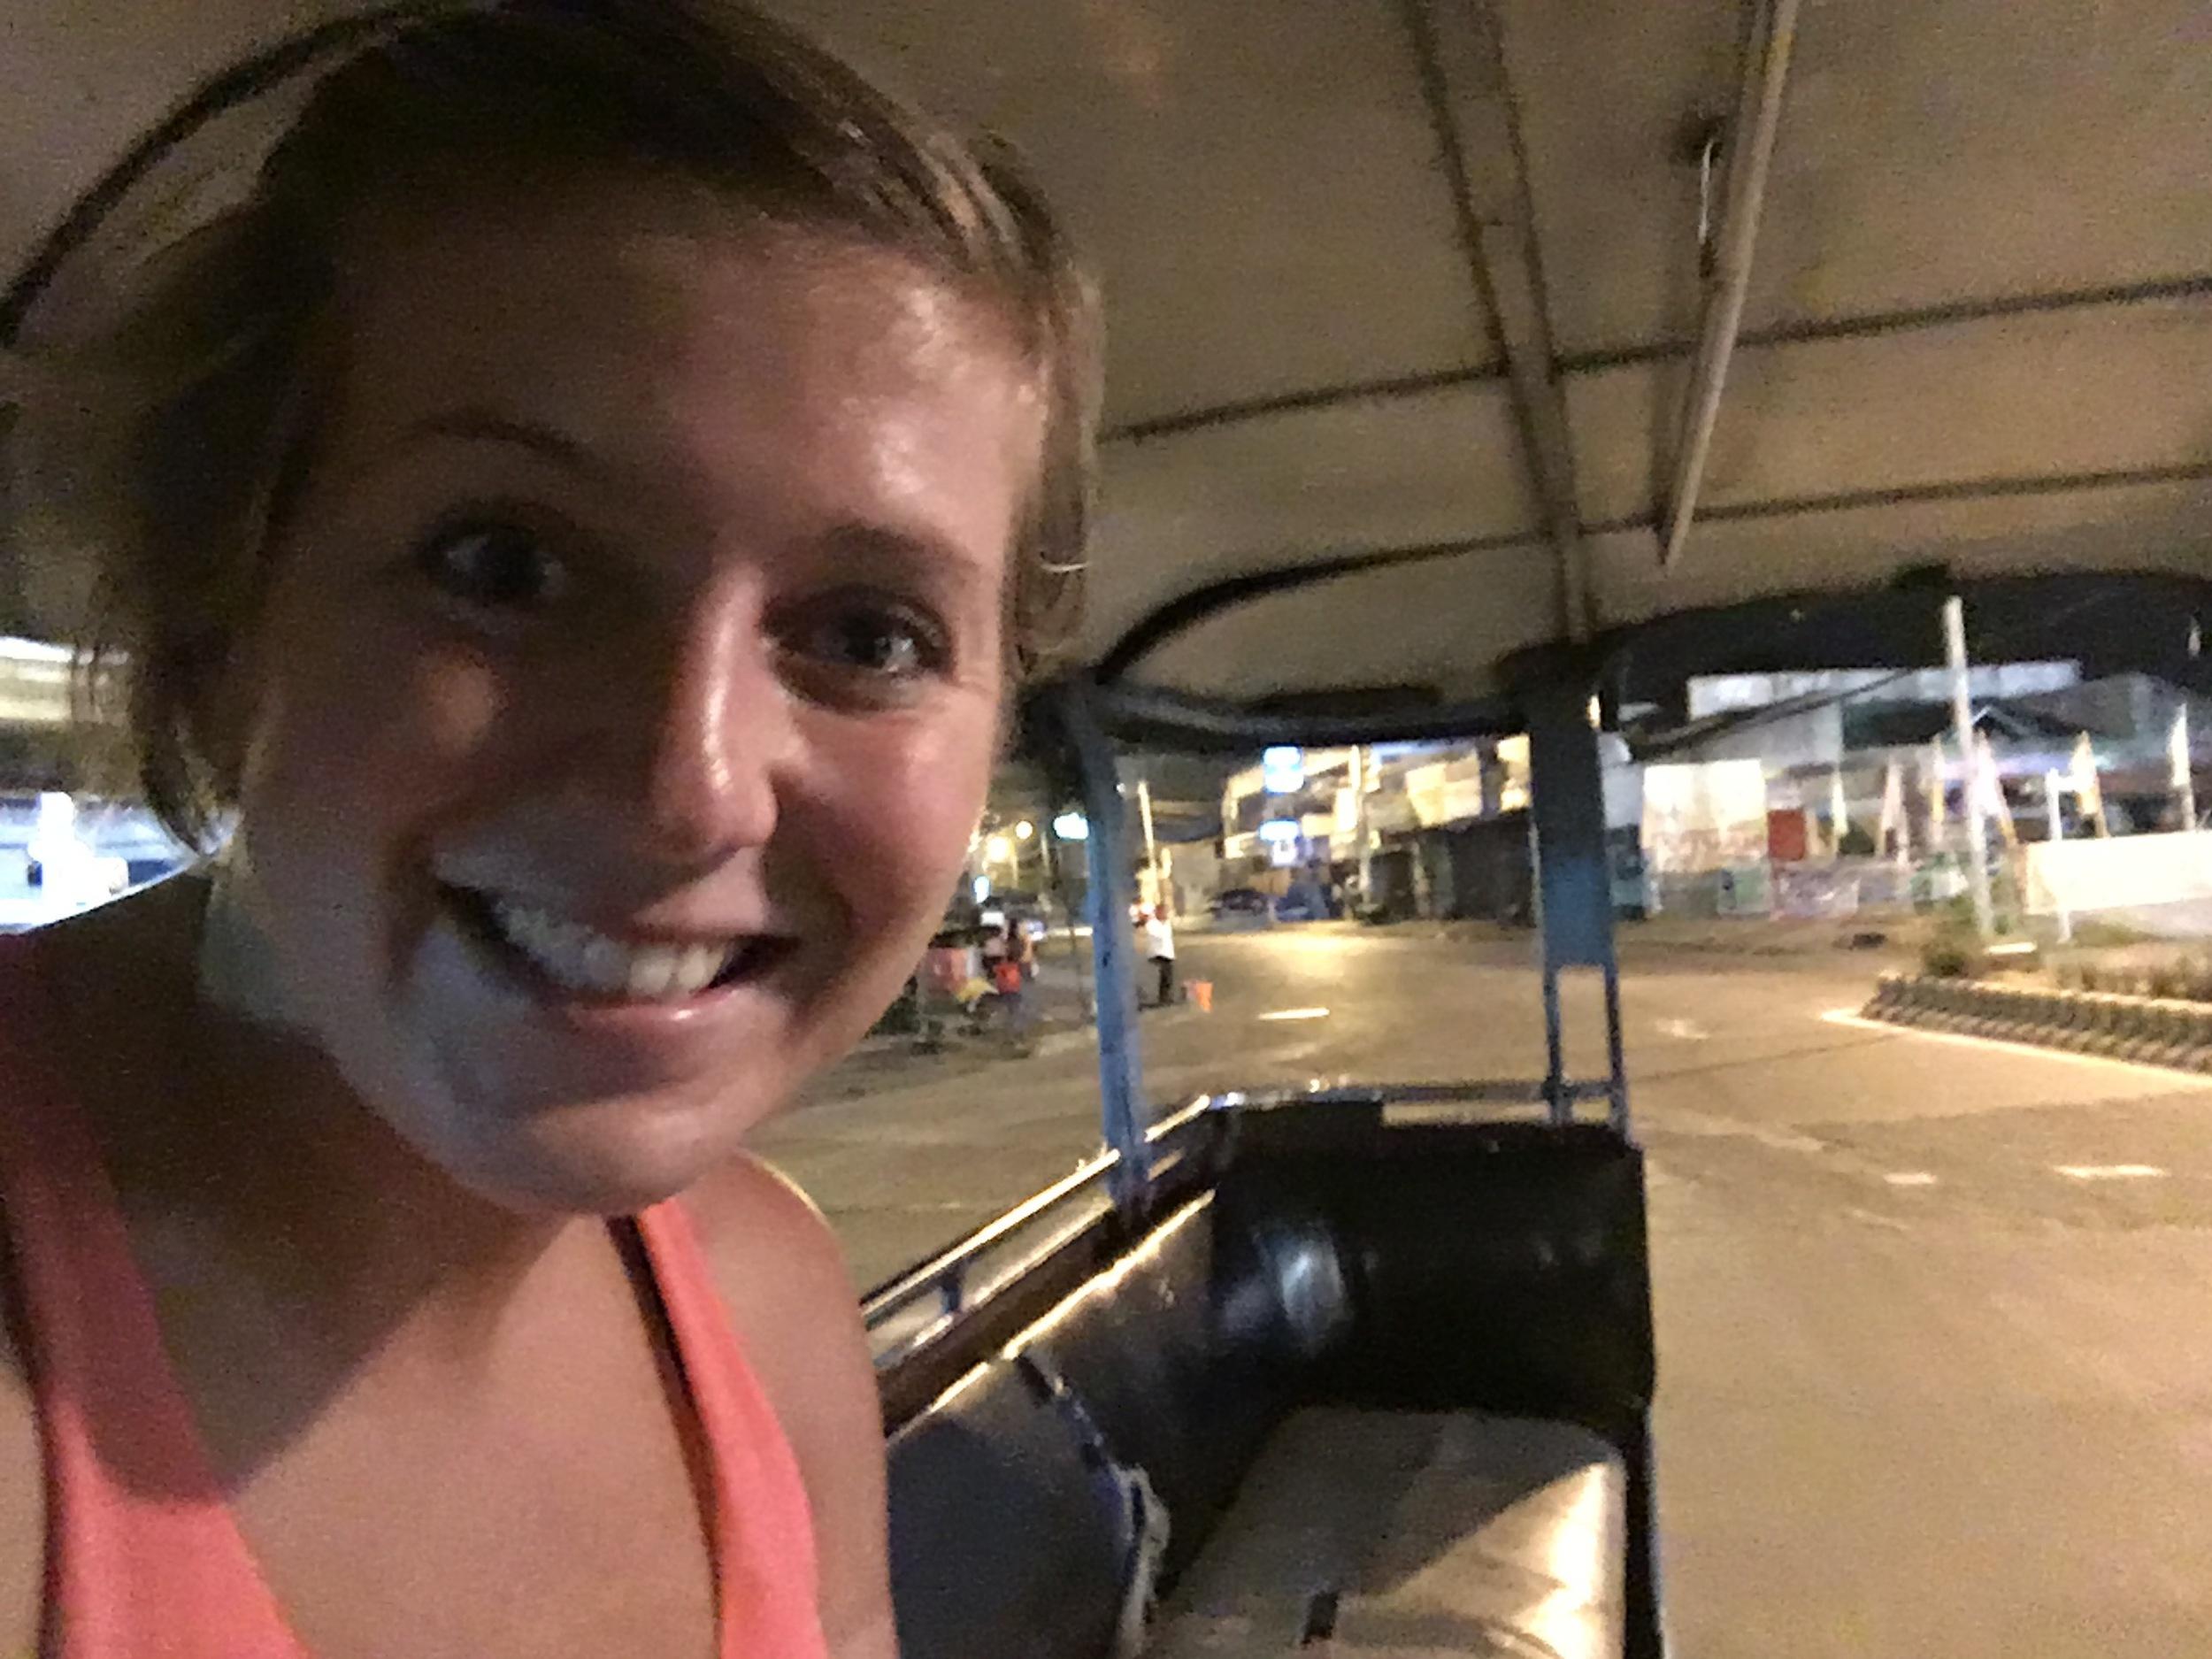 4:15am - 1st Jeepney